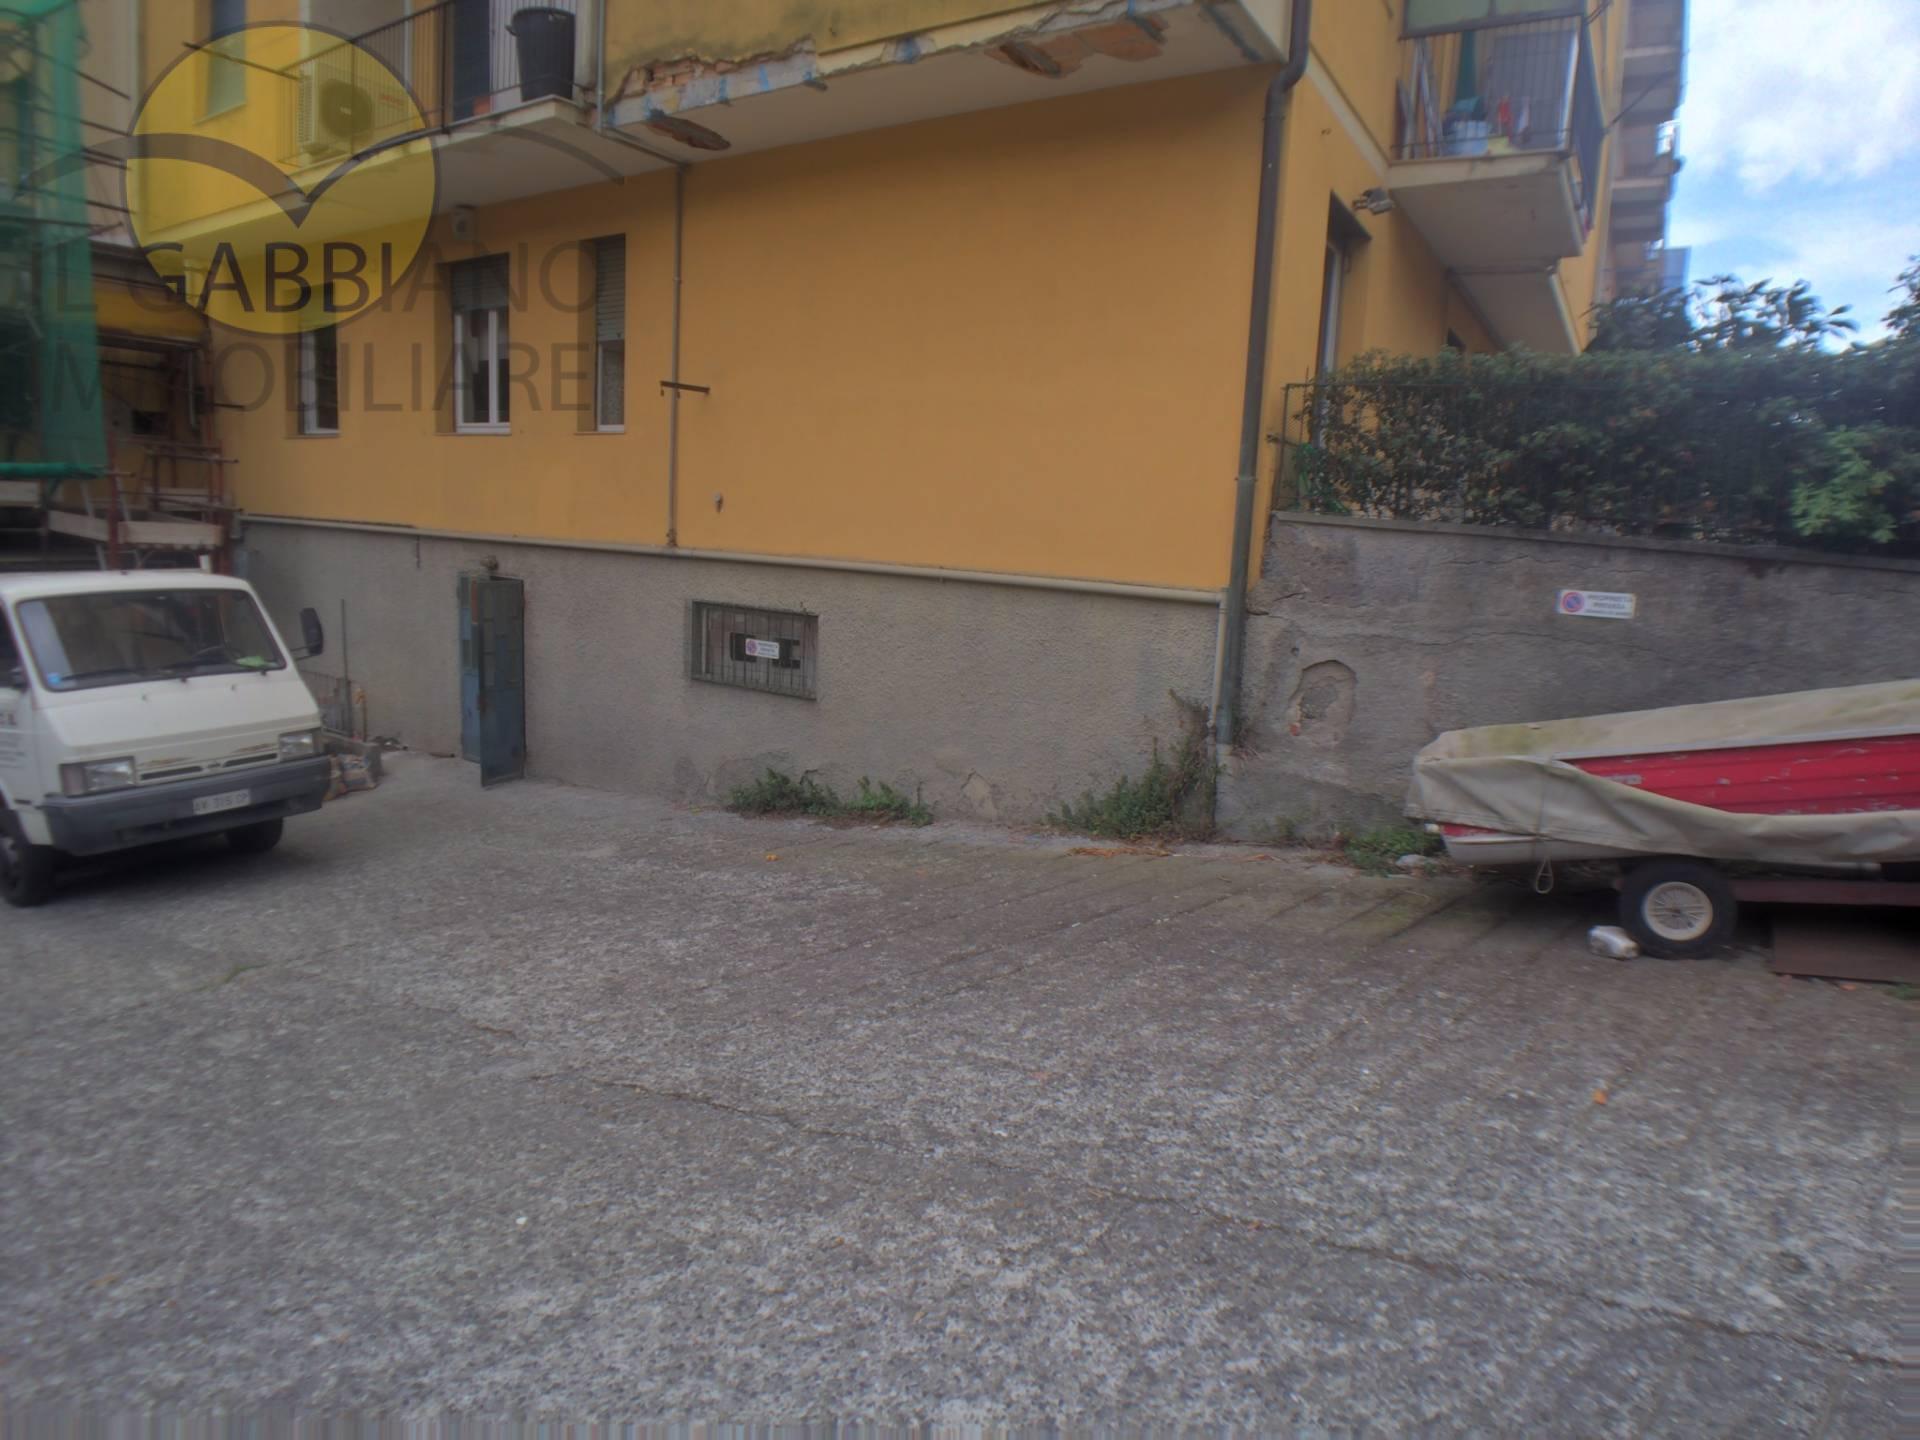 Magazzino in affitto a Recco, 9999 locali, zona Località: Centro, prezzo € 550 | Cambio Casa.it